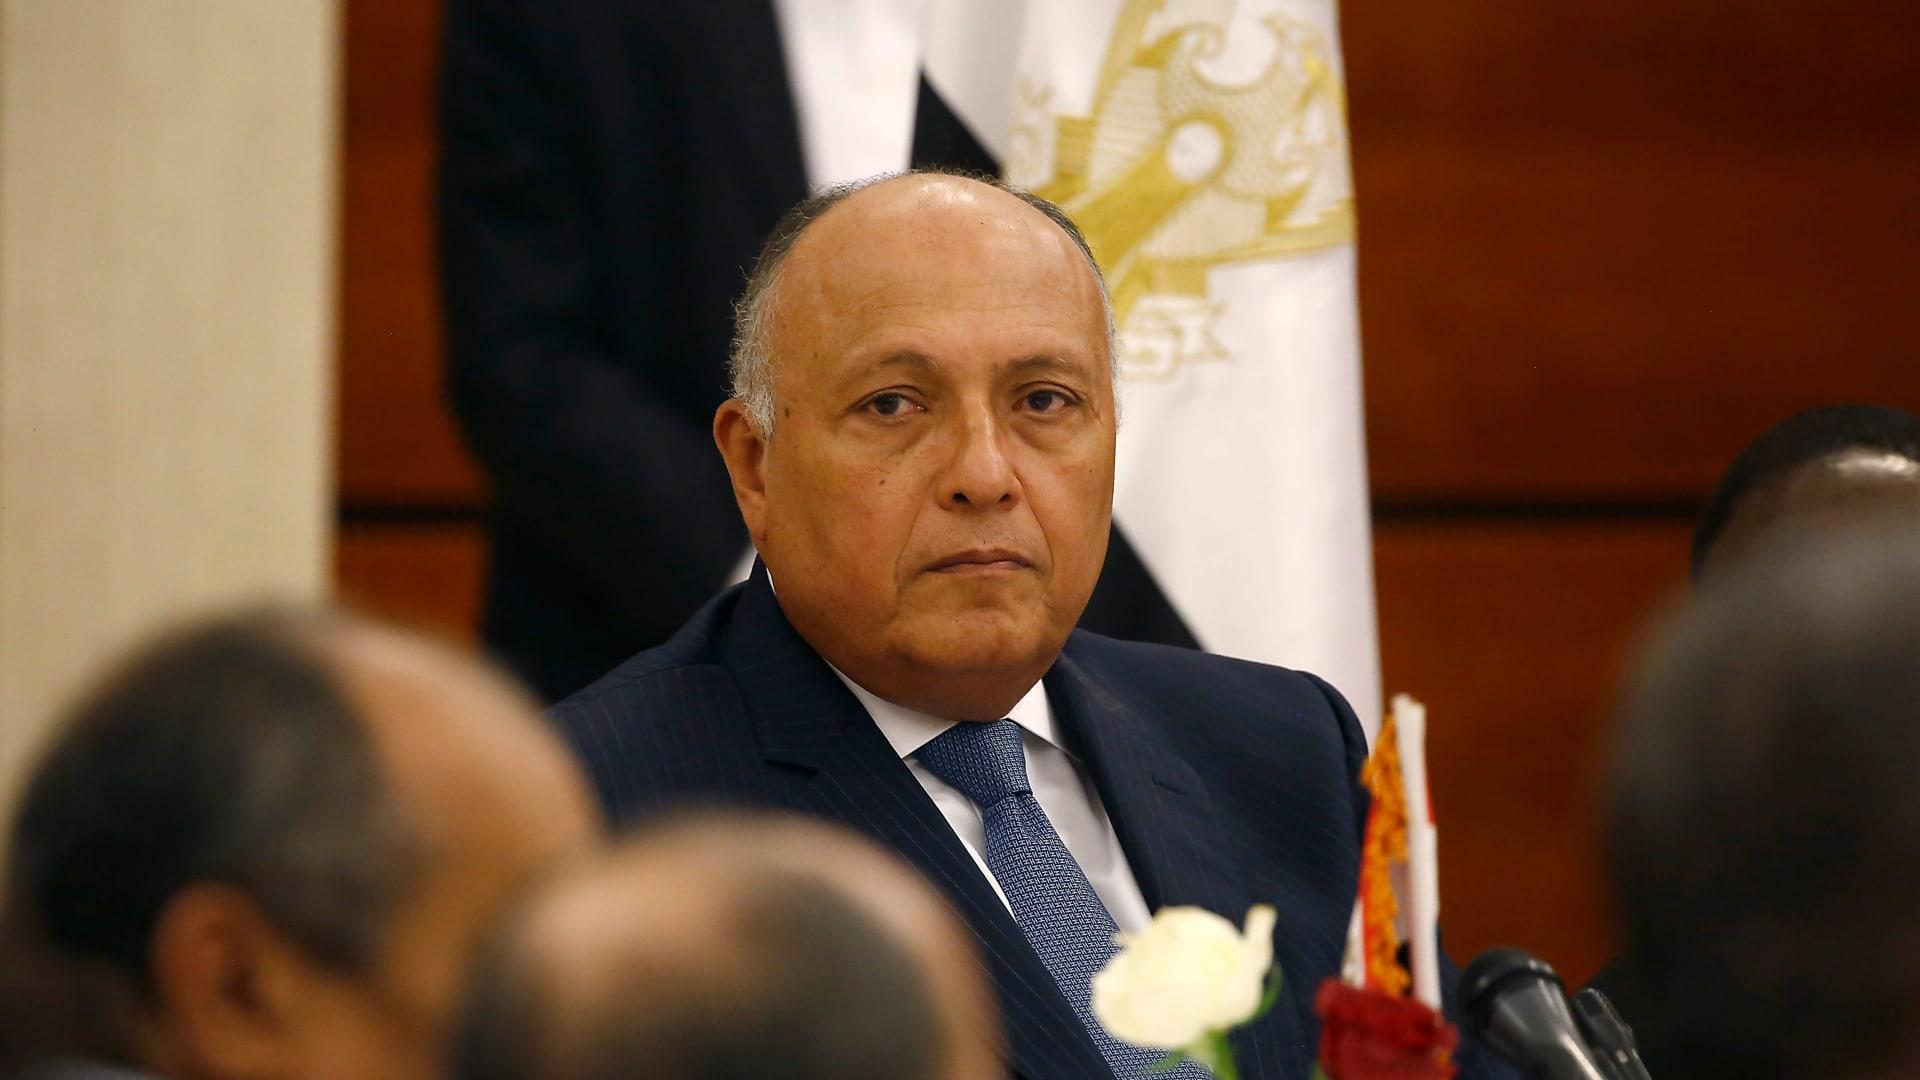 """الخارجية المصرية: تصريحات مُتحدث الخارجية الإثيوبية """"تجاوز سافر"""" ذي """"نبرة عدائية"""""""